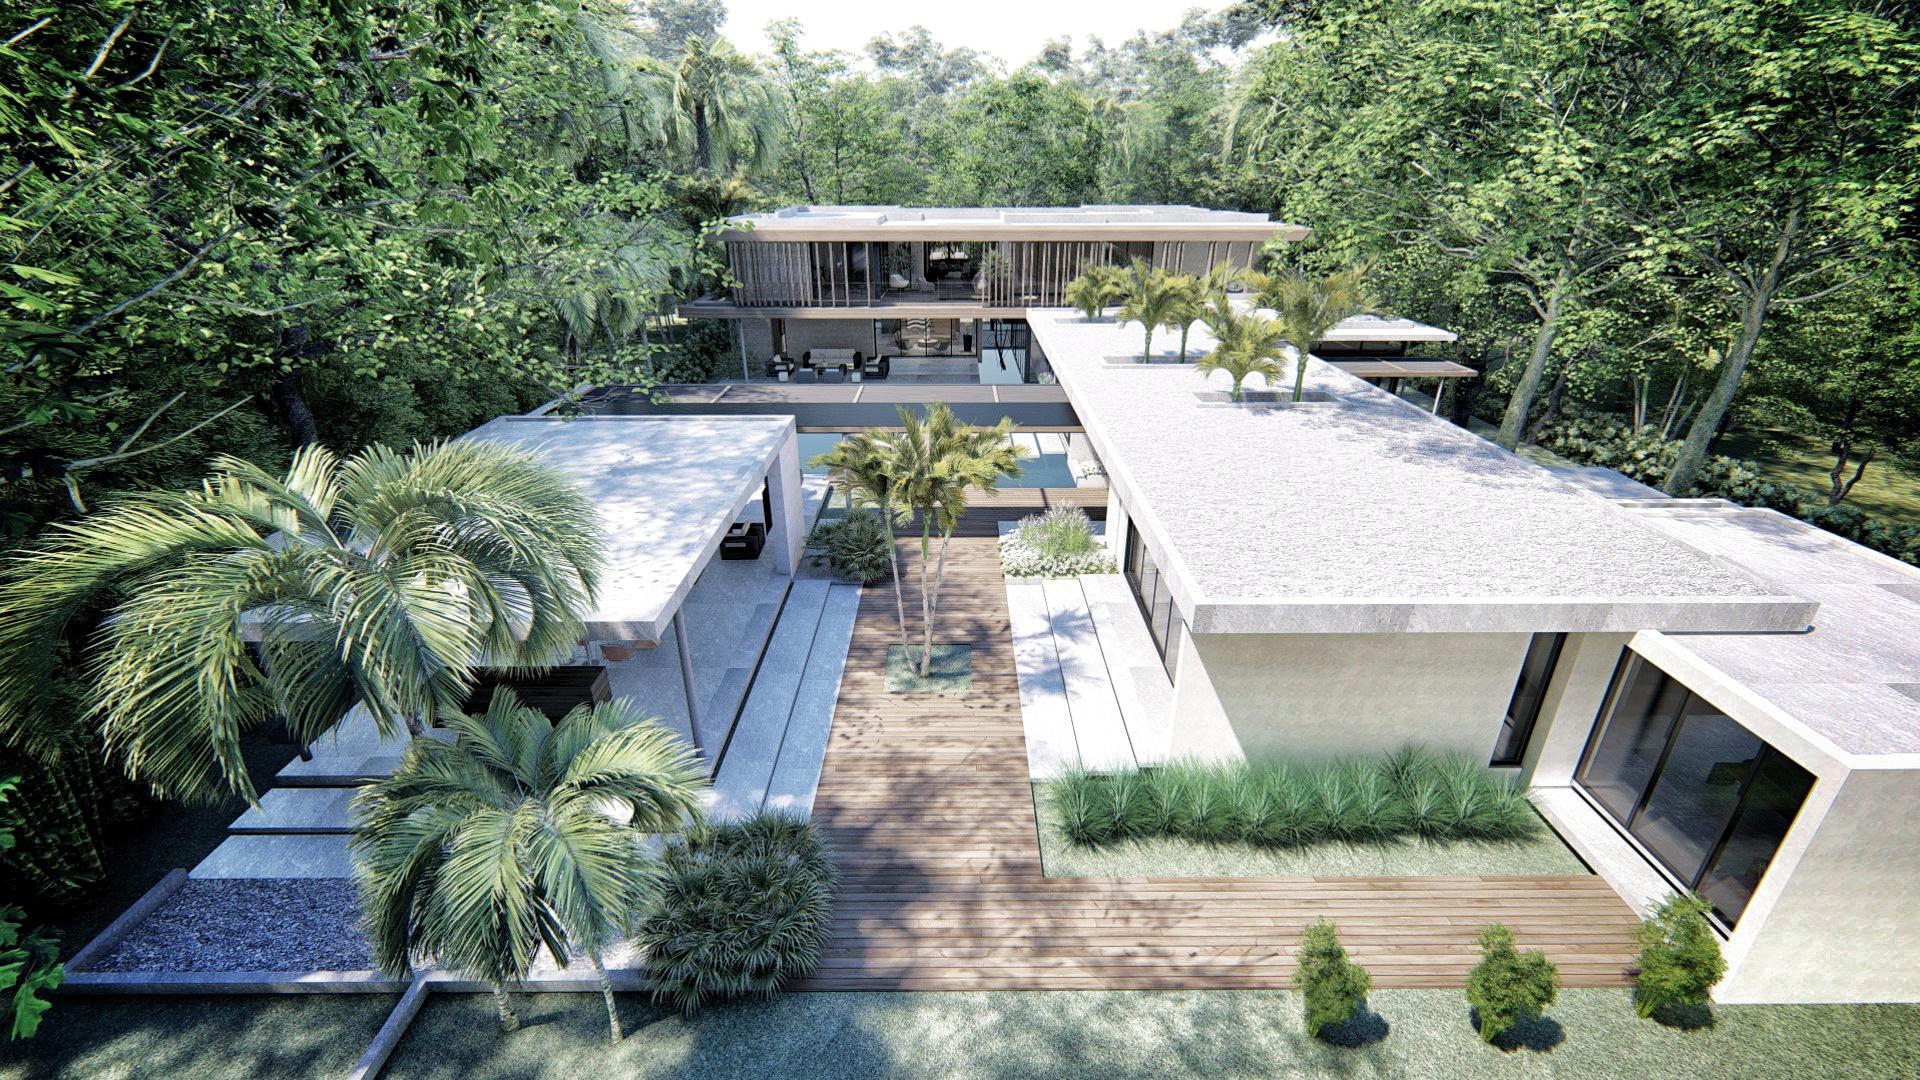 Kiora House Contemporary Coconut Grove Residence by KoDA